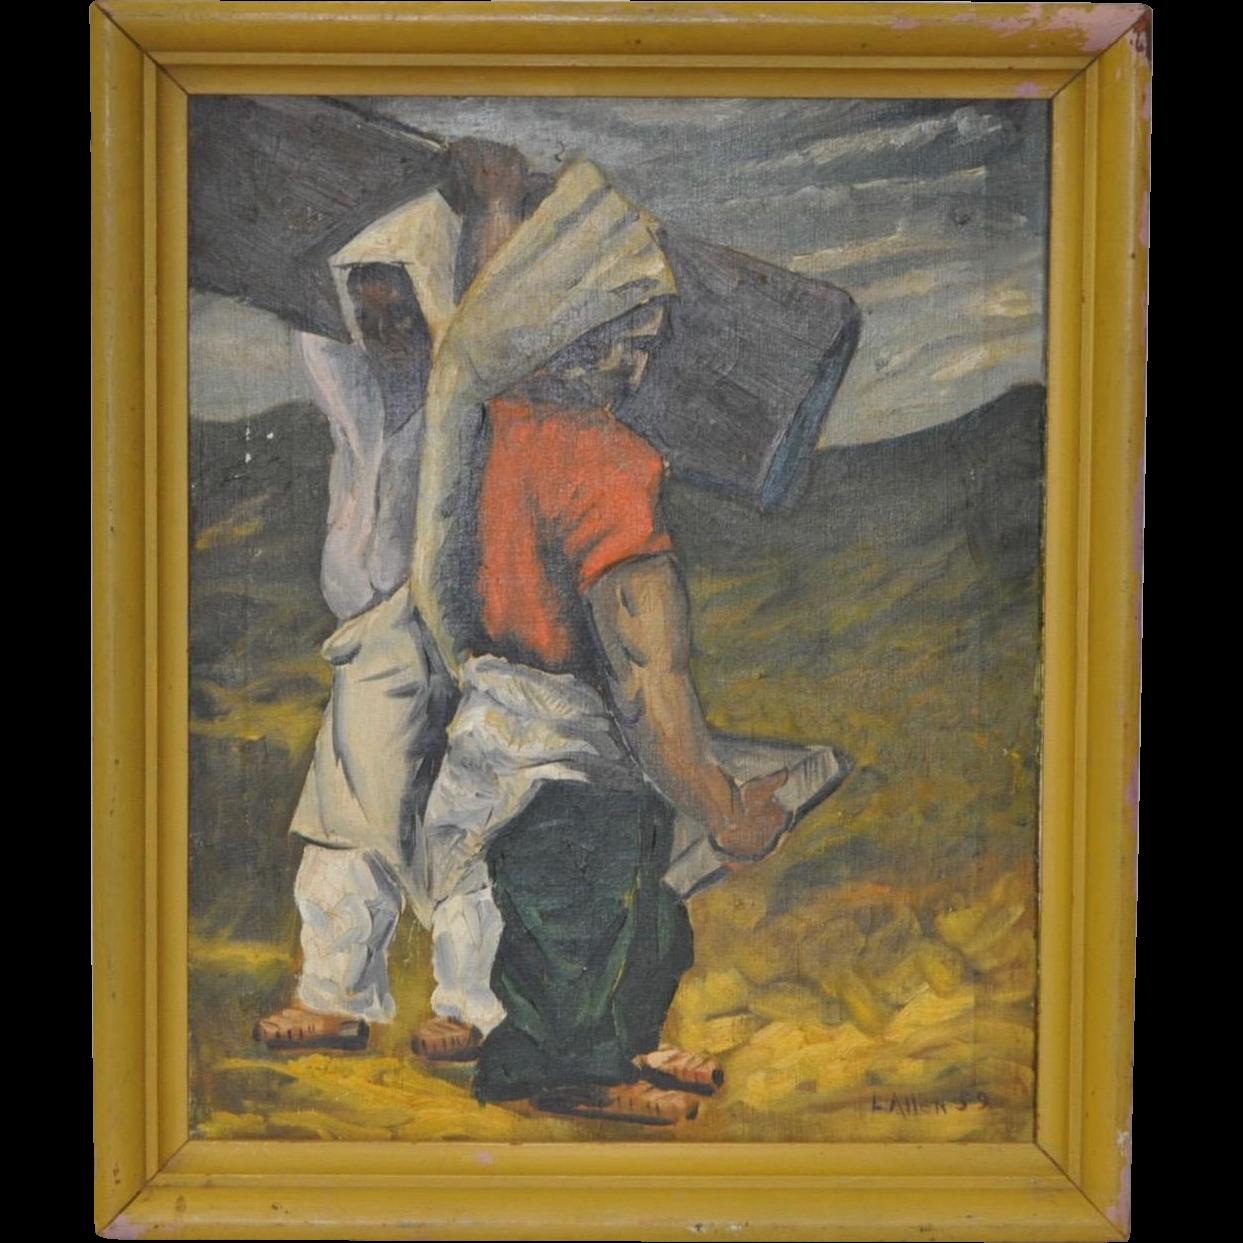 Mid Century Oil Painting By L Allen C 1959 Antique